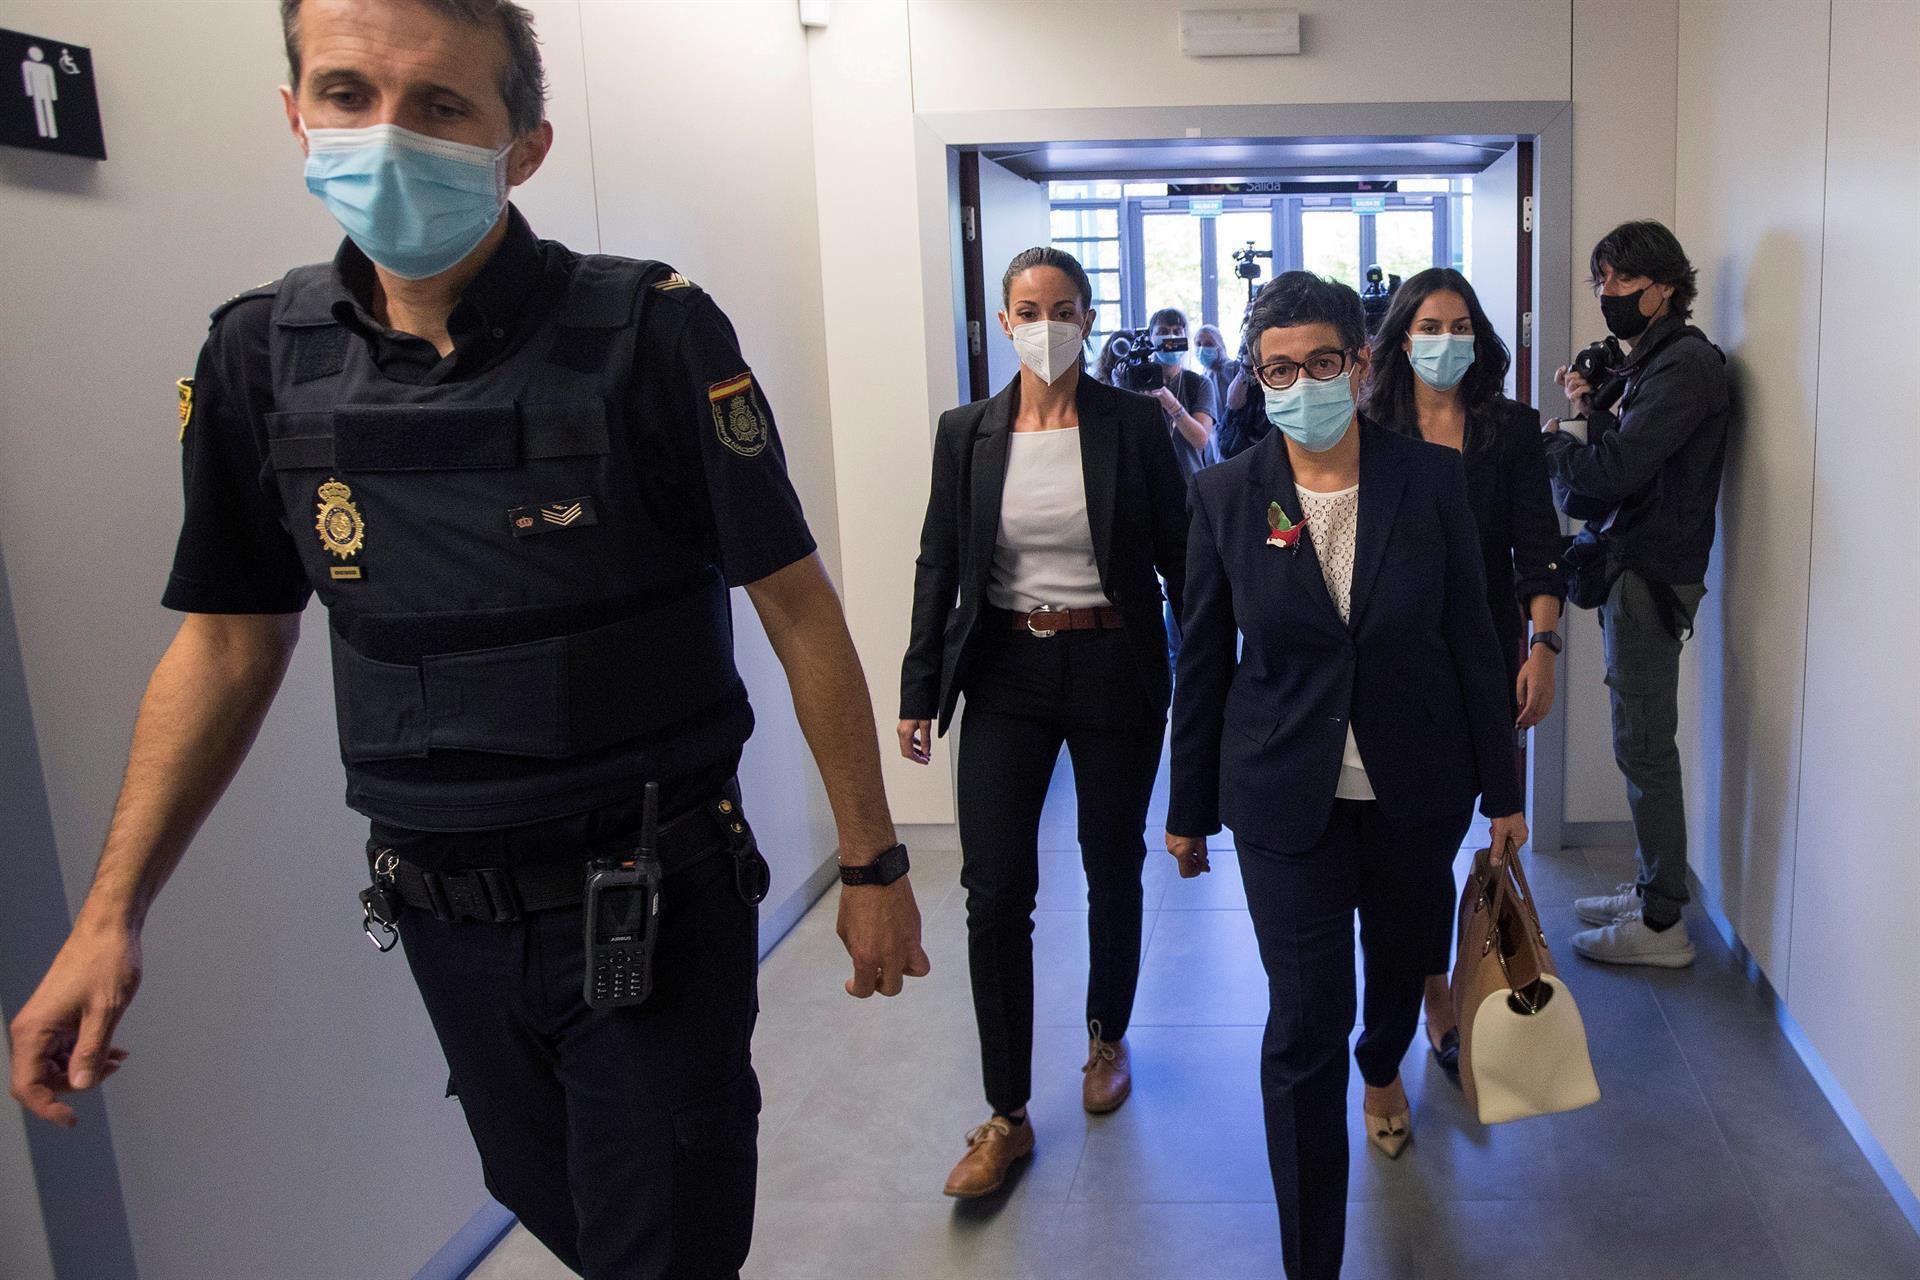 مراسل ميدي1 من مدريد يقدم آخر المستجدات حول مثول آرانشا غونثاليث أمام القضاء الإسباني في قضية المدعو غالي